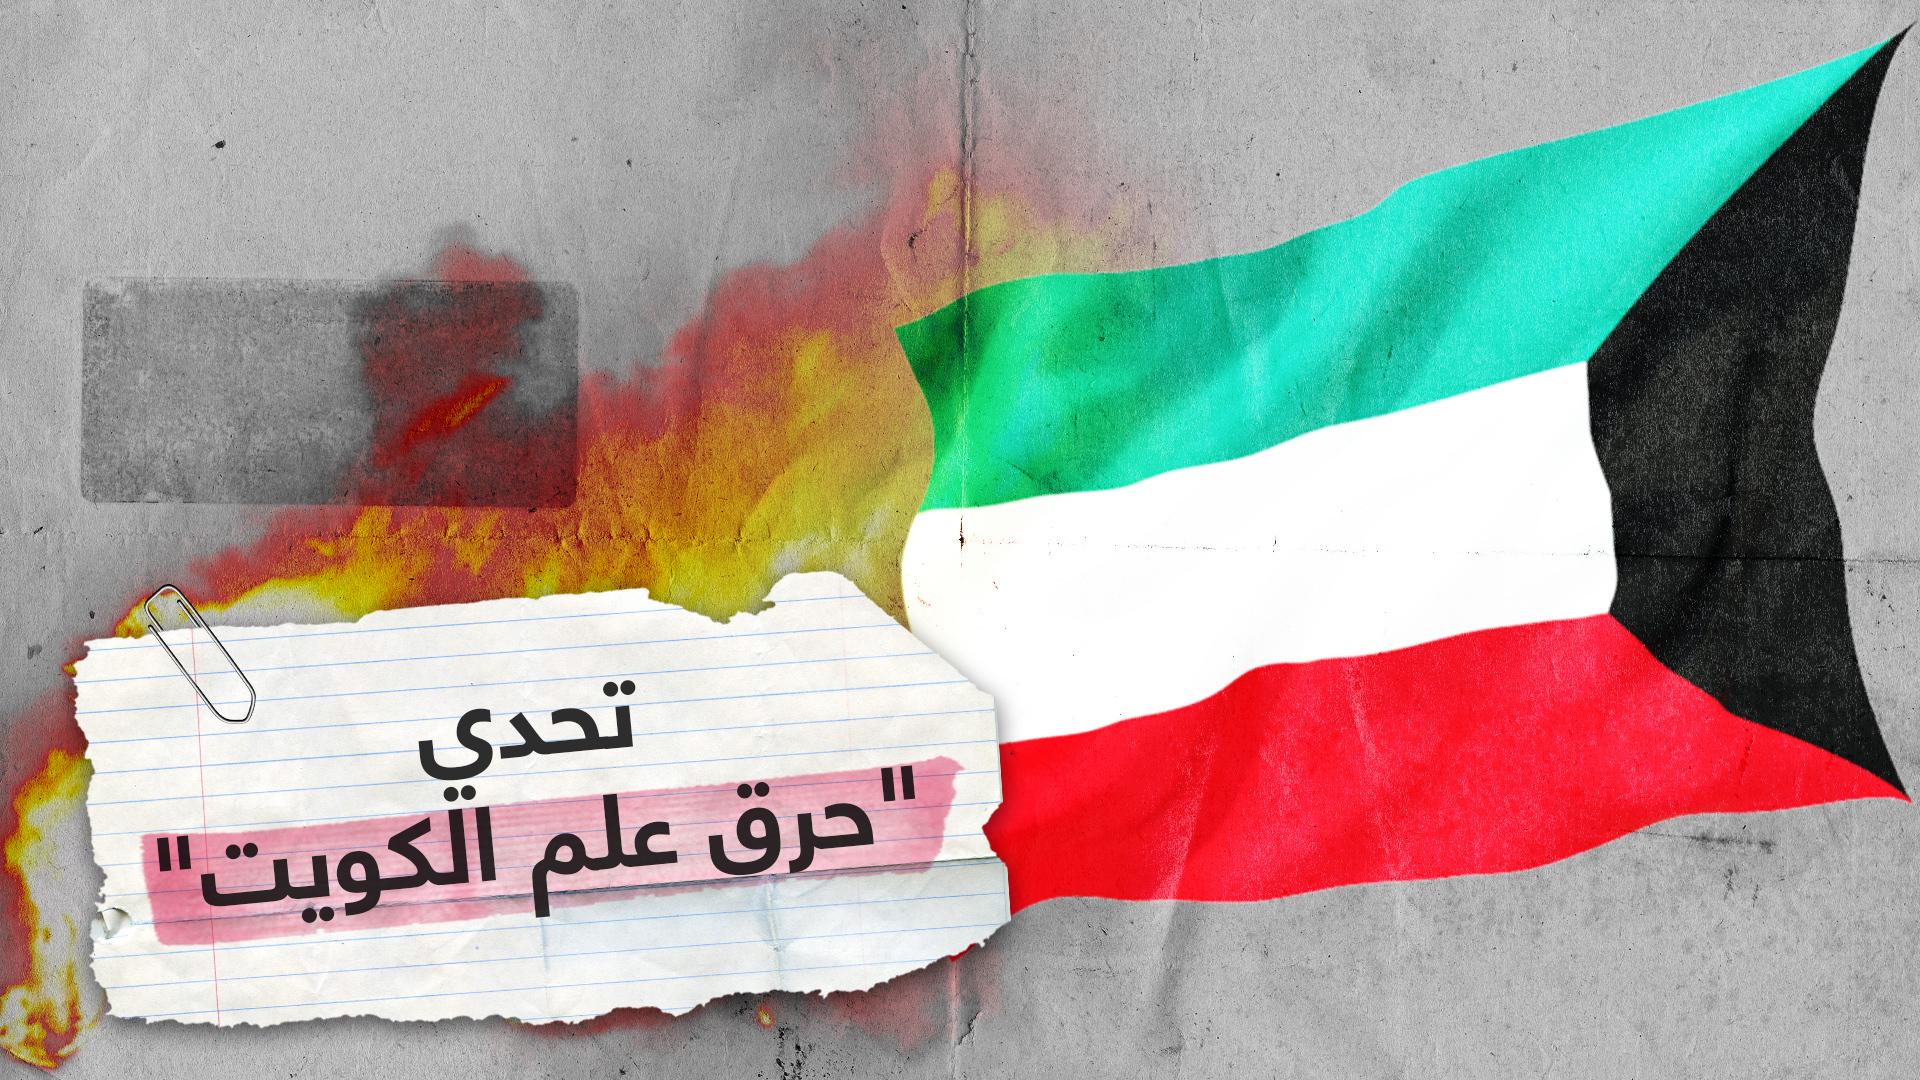 فيديو تحدي حرق علم الكويت في مصر يثير ضجة